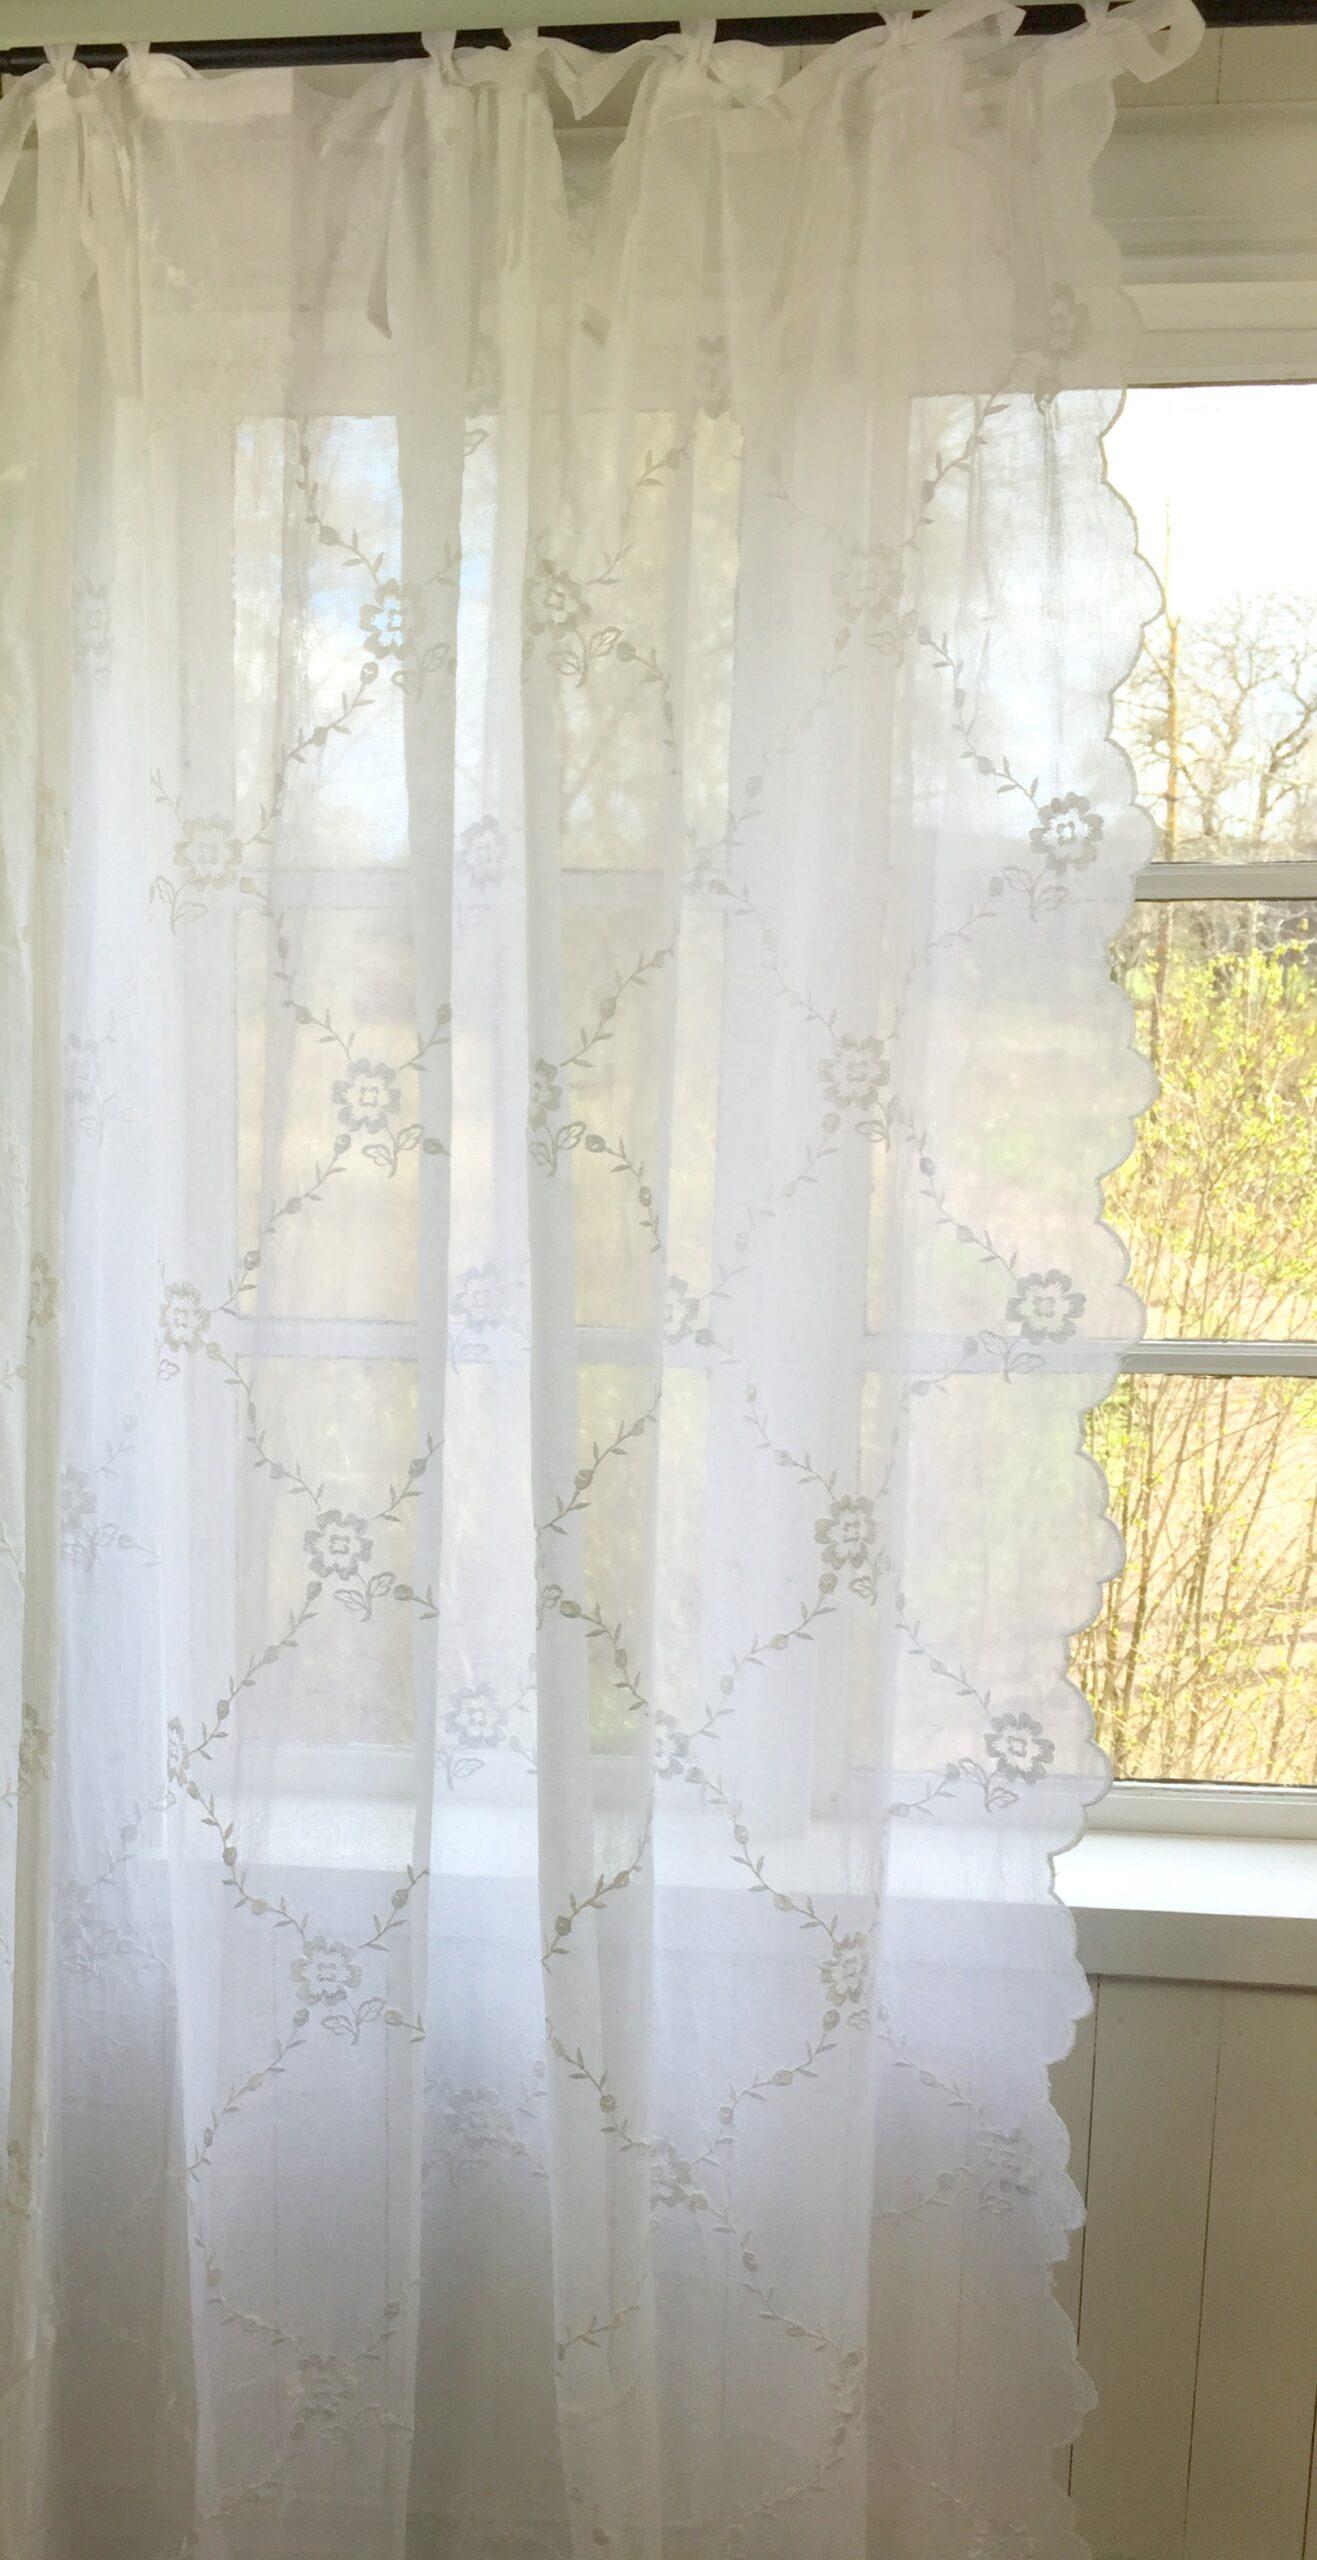 Full Size of Kchengardine Landhausstil Scheibengardine Weiss Leinenvorhang Bett Küche Sofa Esstisch Schlafzimmer Weiß Boxspring Wohnzimmer Regal Scheibengardinen Betten Wohnzimmer Scheibengardinen Landhausstil